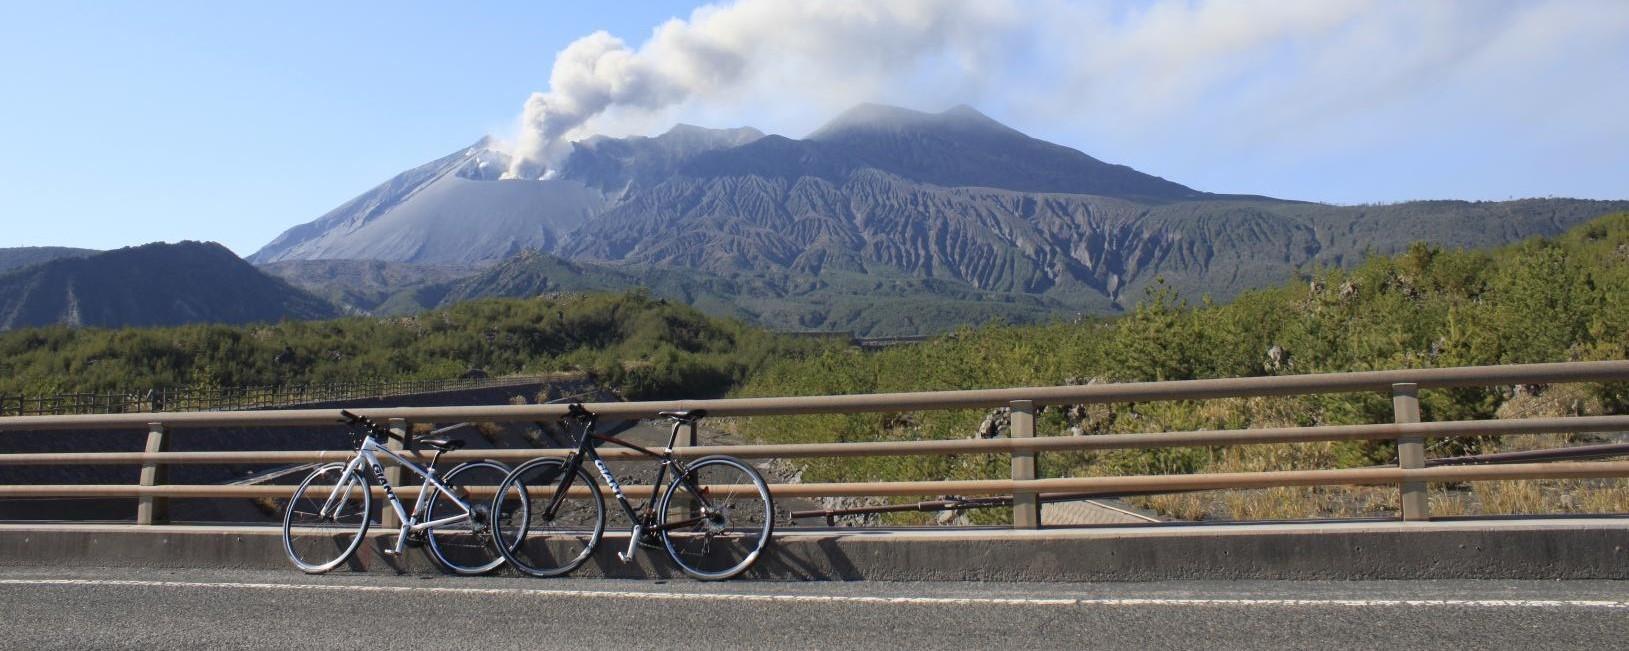 レンタルもOK!サイクリングで壮大な桜島を爽快に駆け抜けよう-1